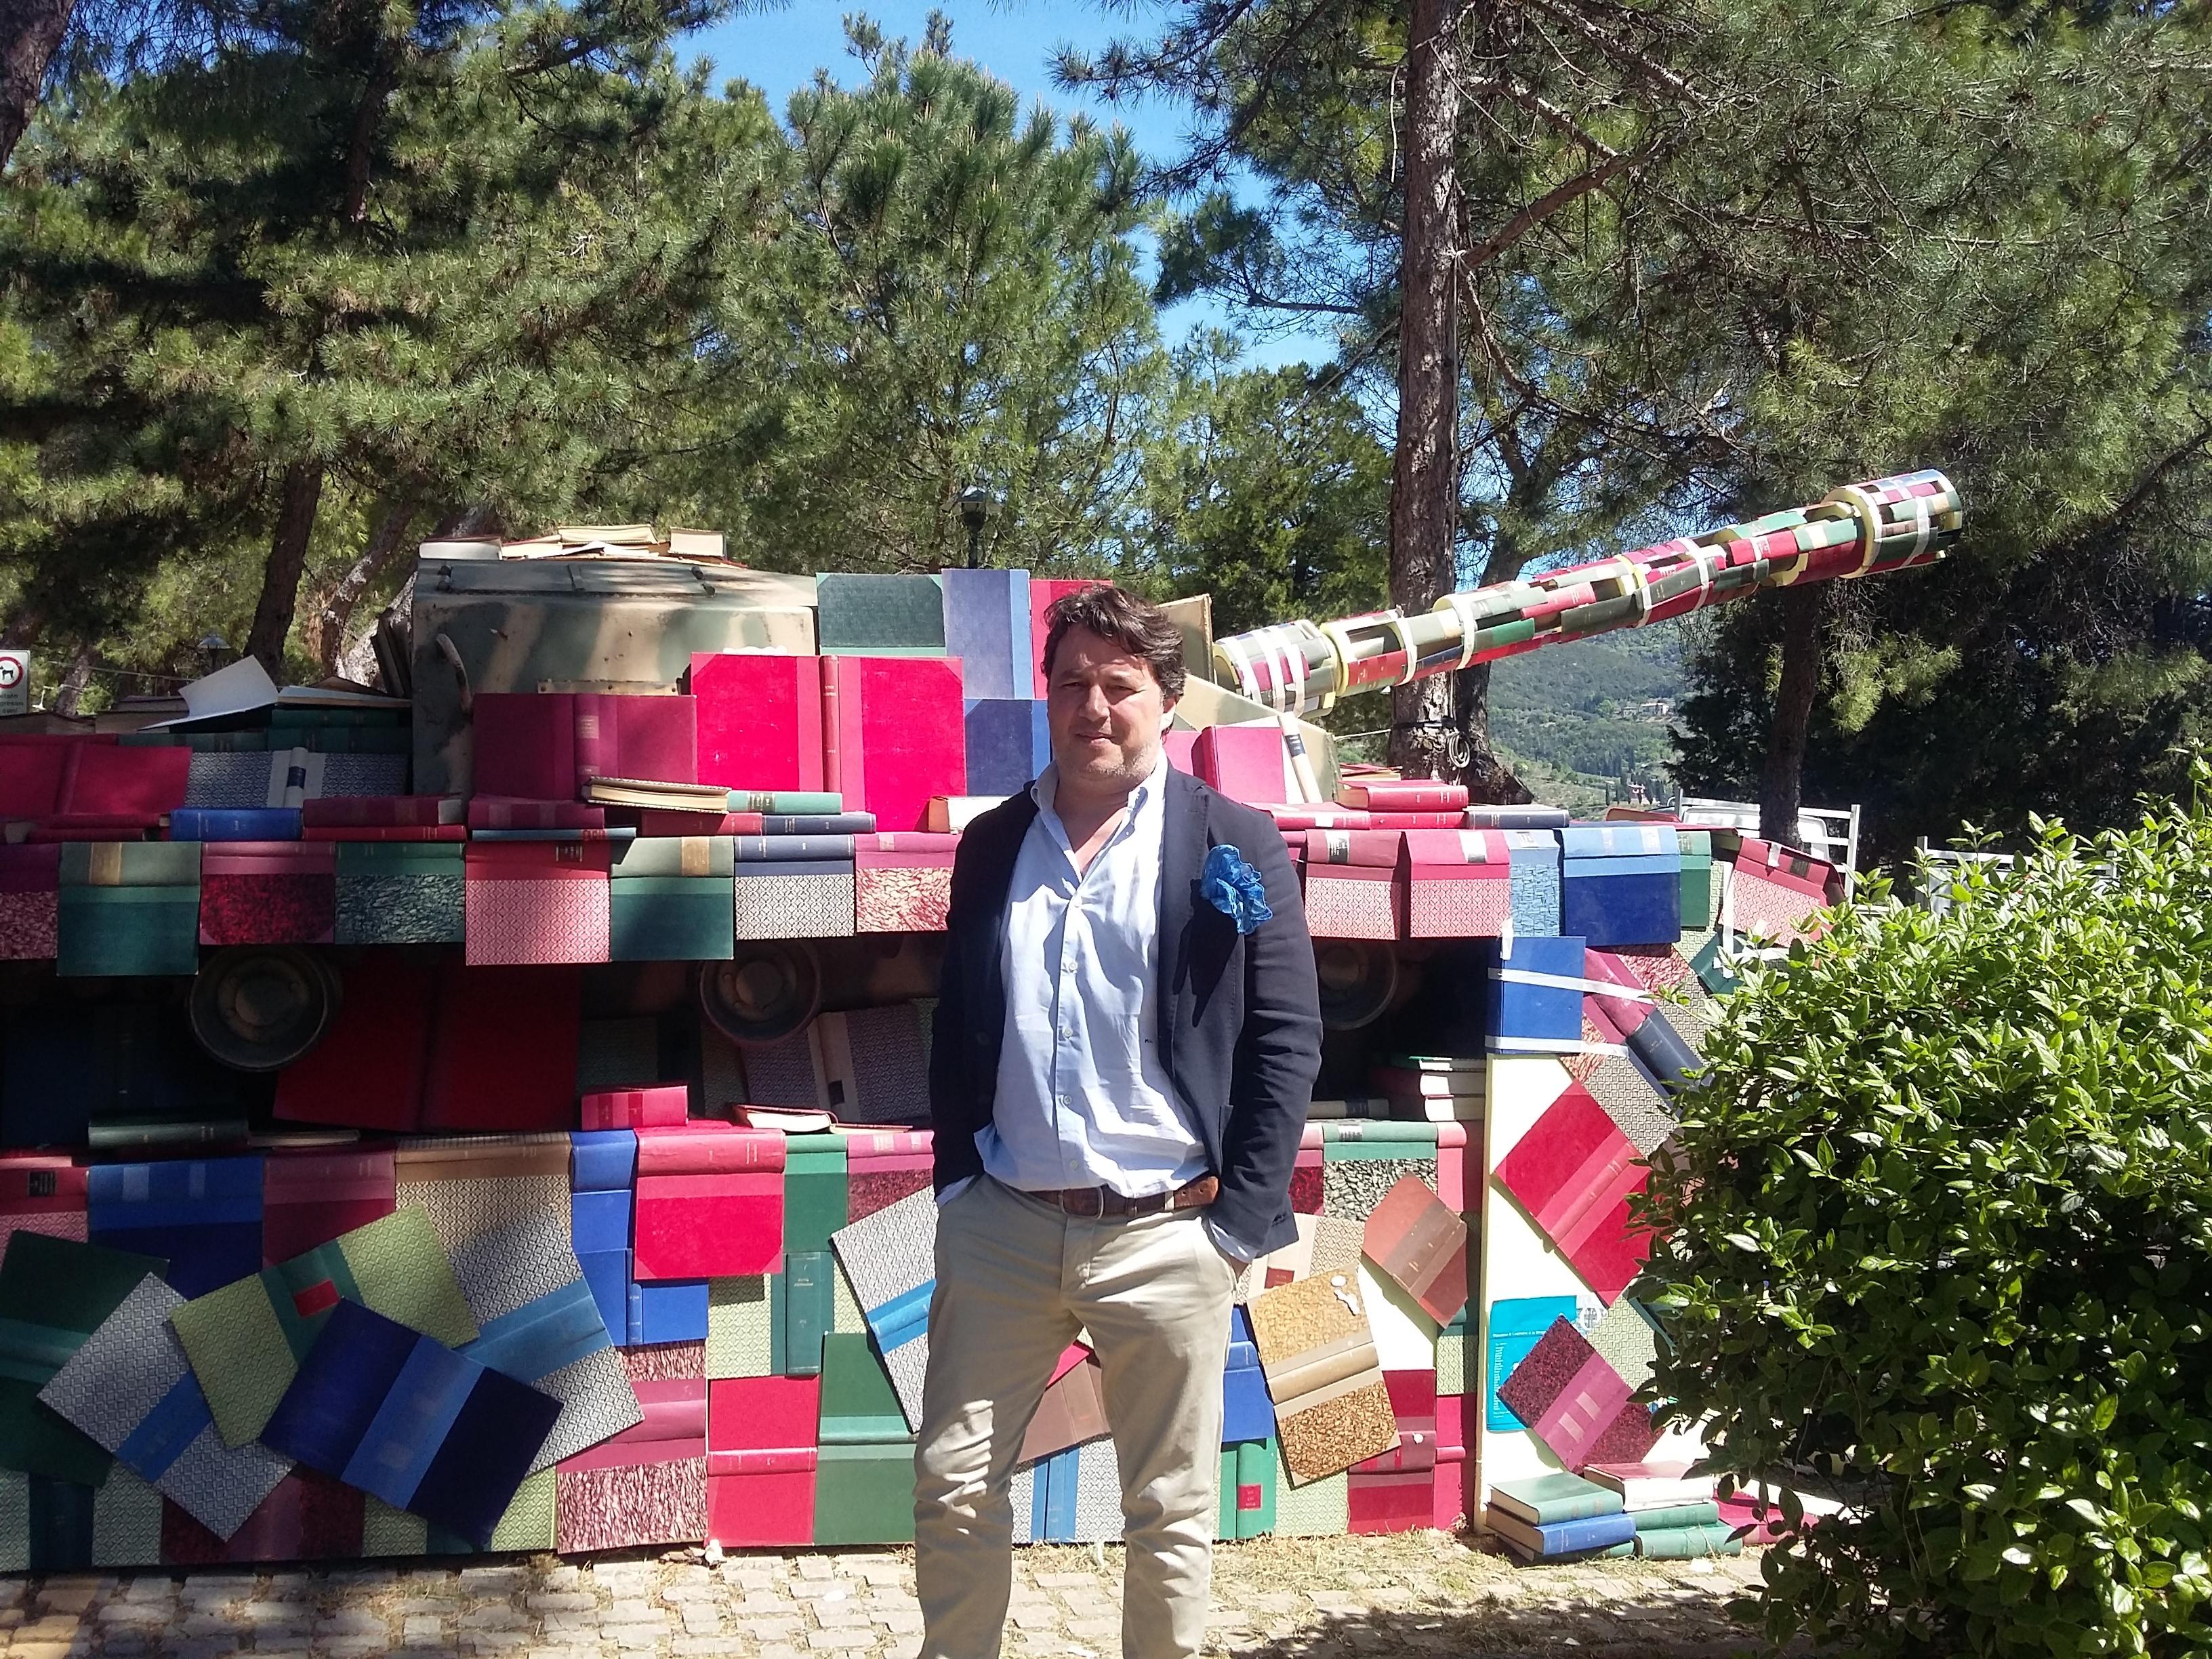 Un 25 Aprile diverso a Castiglion Fiorentino, col carrarmato tappezzato di libri